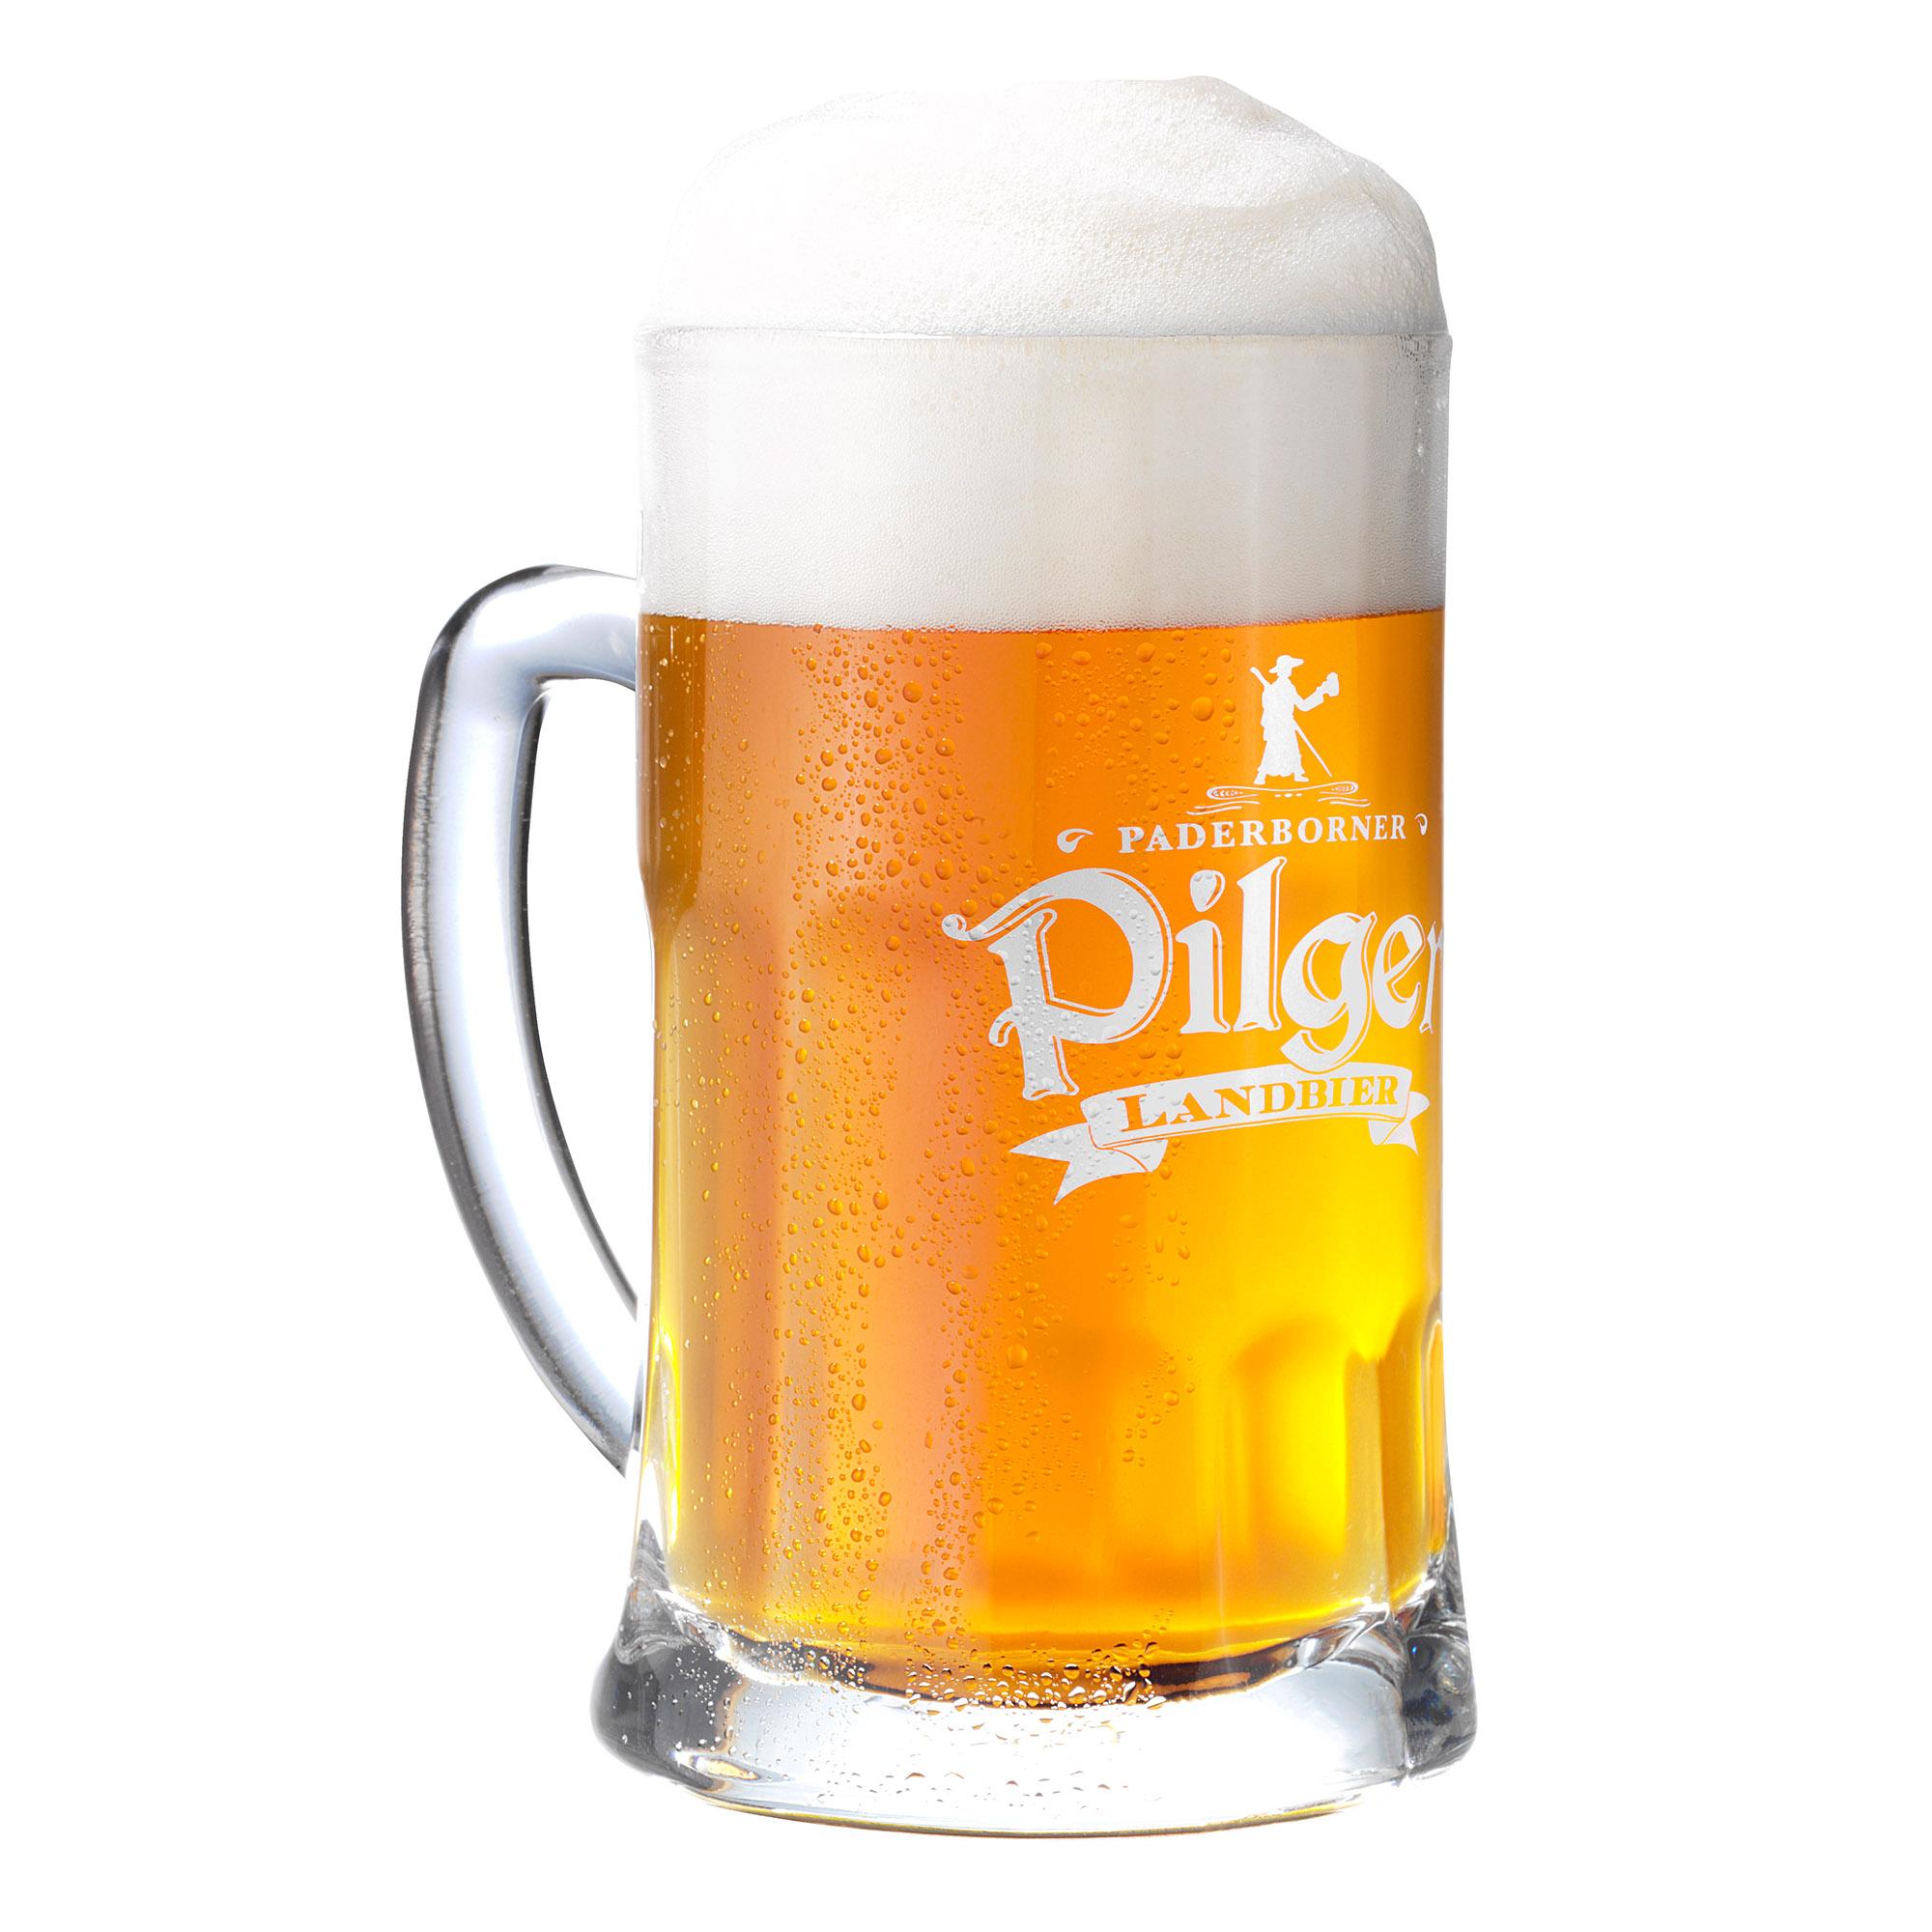 Produktabbildung Paderborner Pilger Landbier Glas 0,3 l